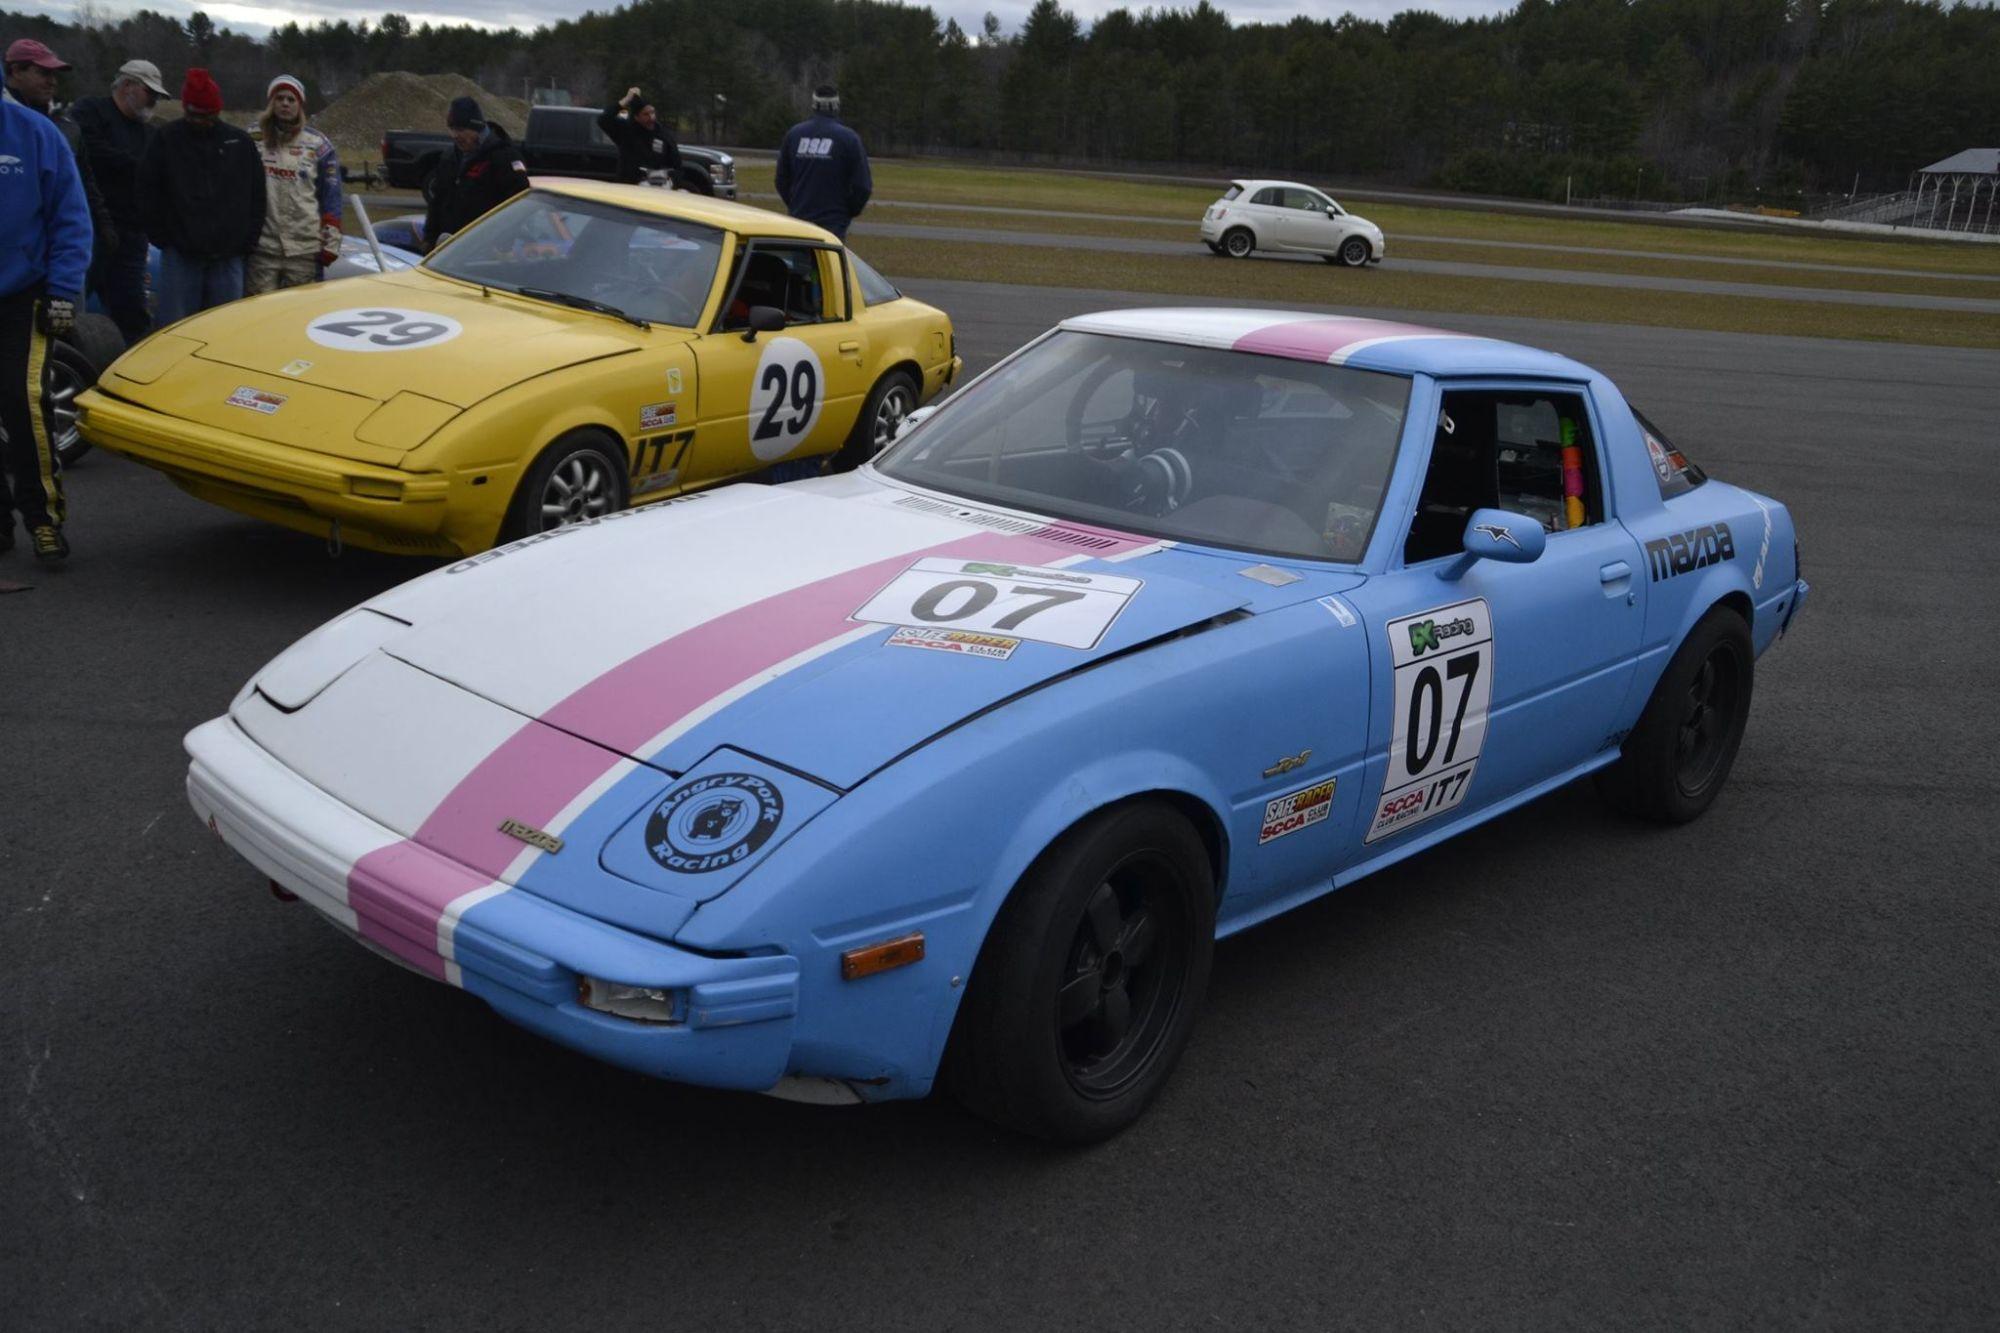 Post your favorite 1st gen RX7 race car livery - RX7Club.com